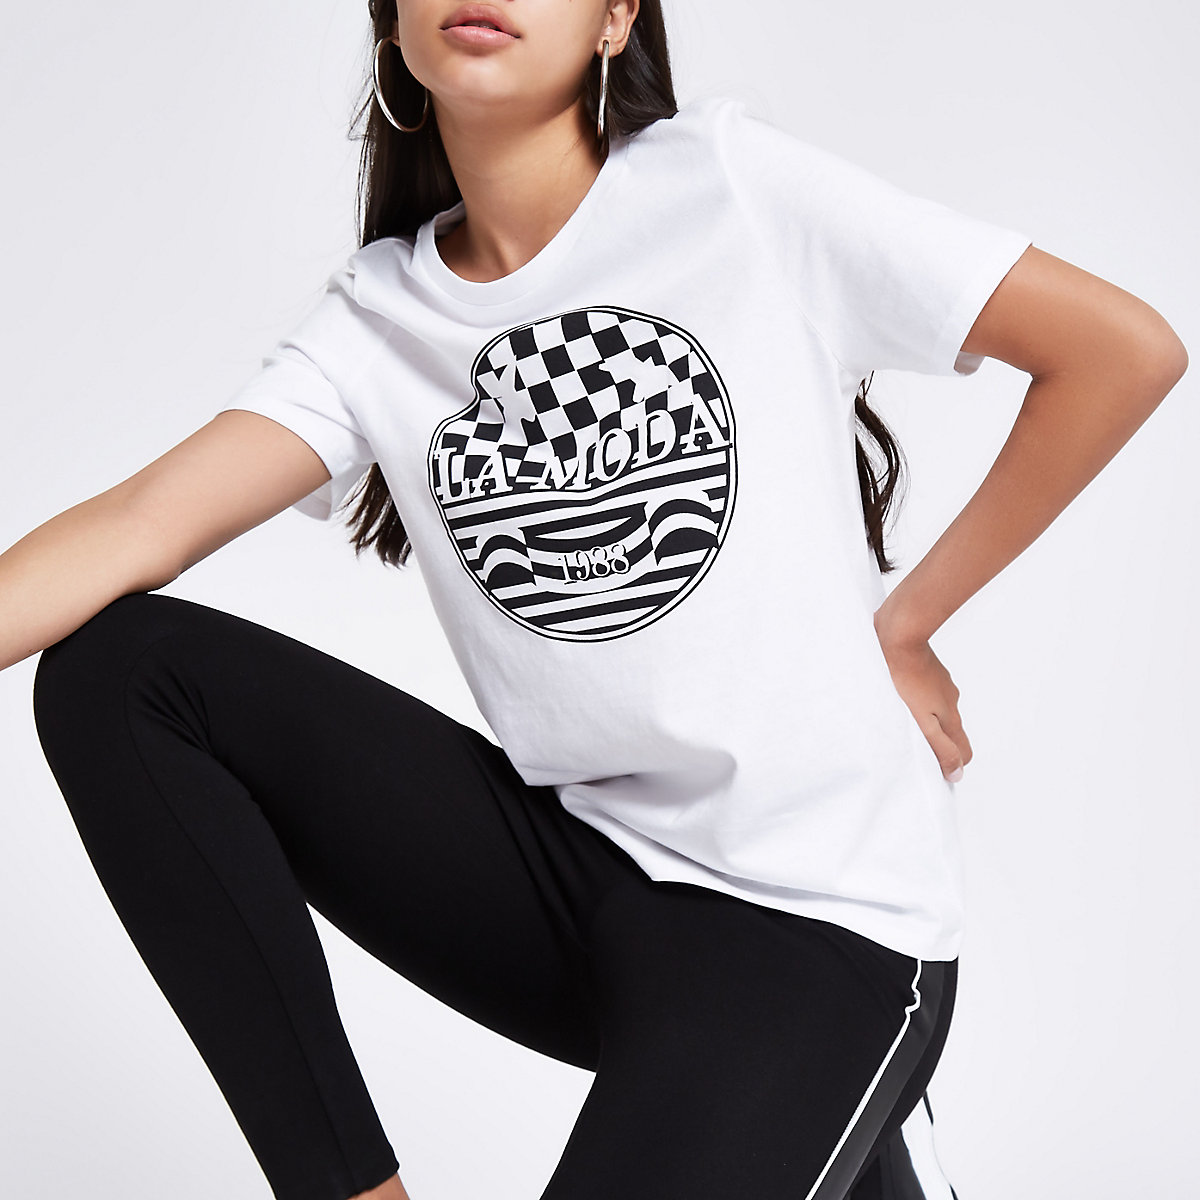 White 'la moda' print fitted T-shirt